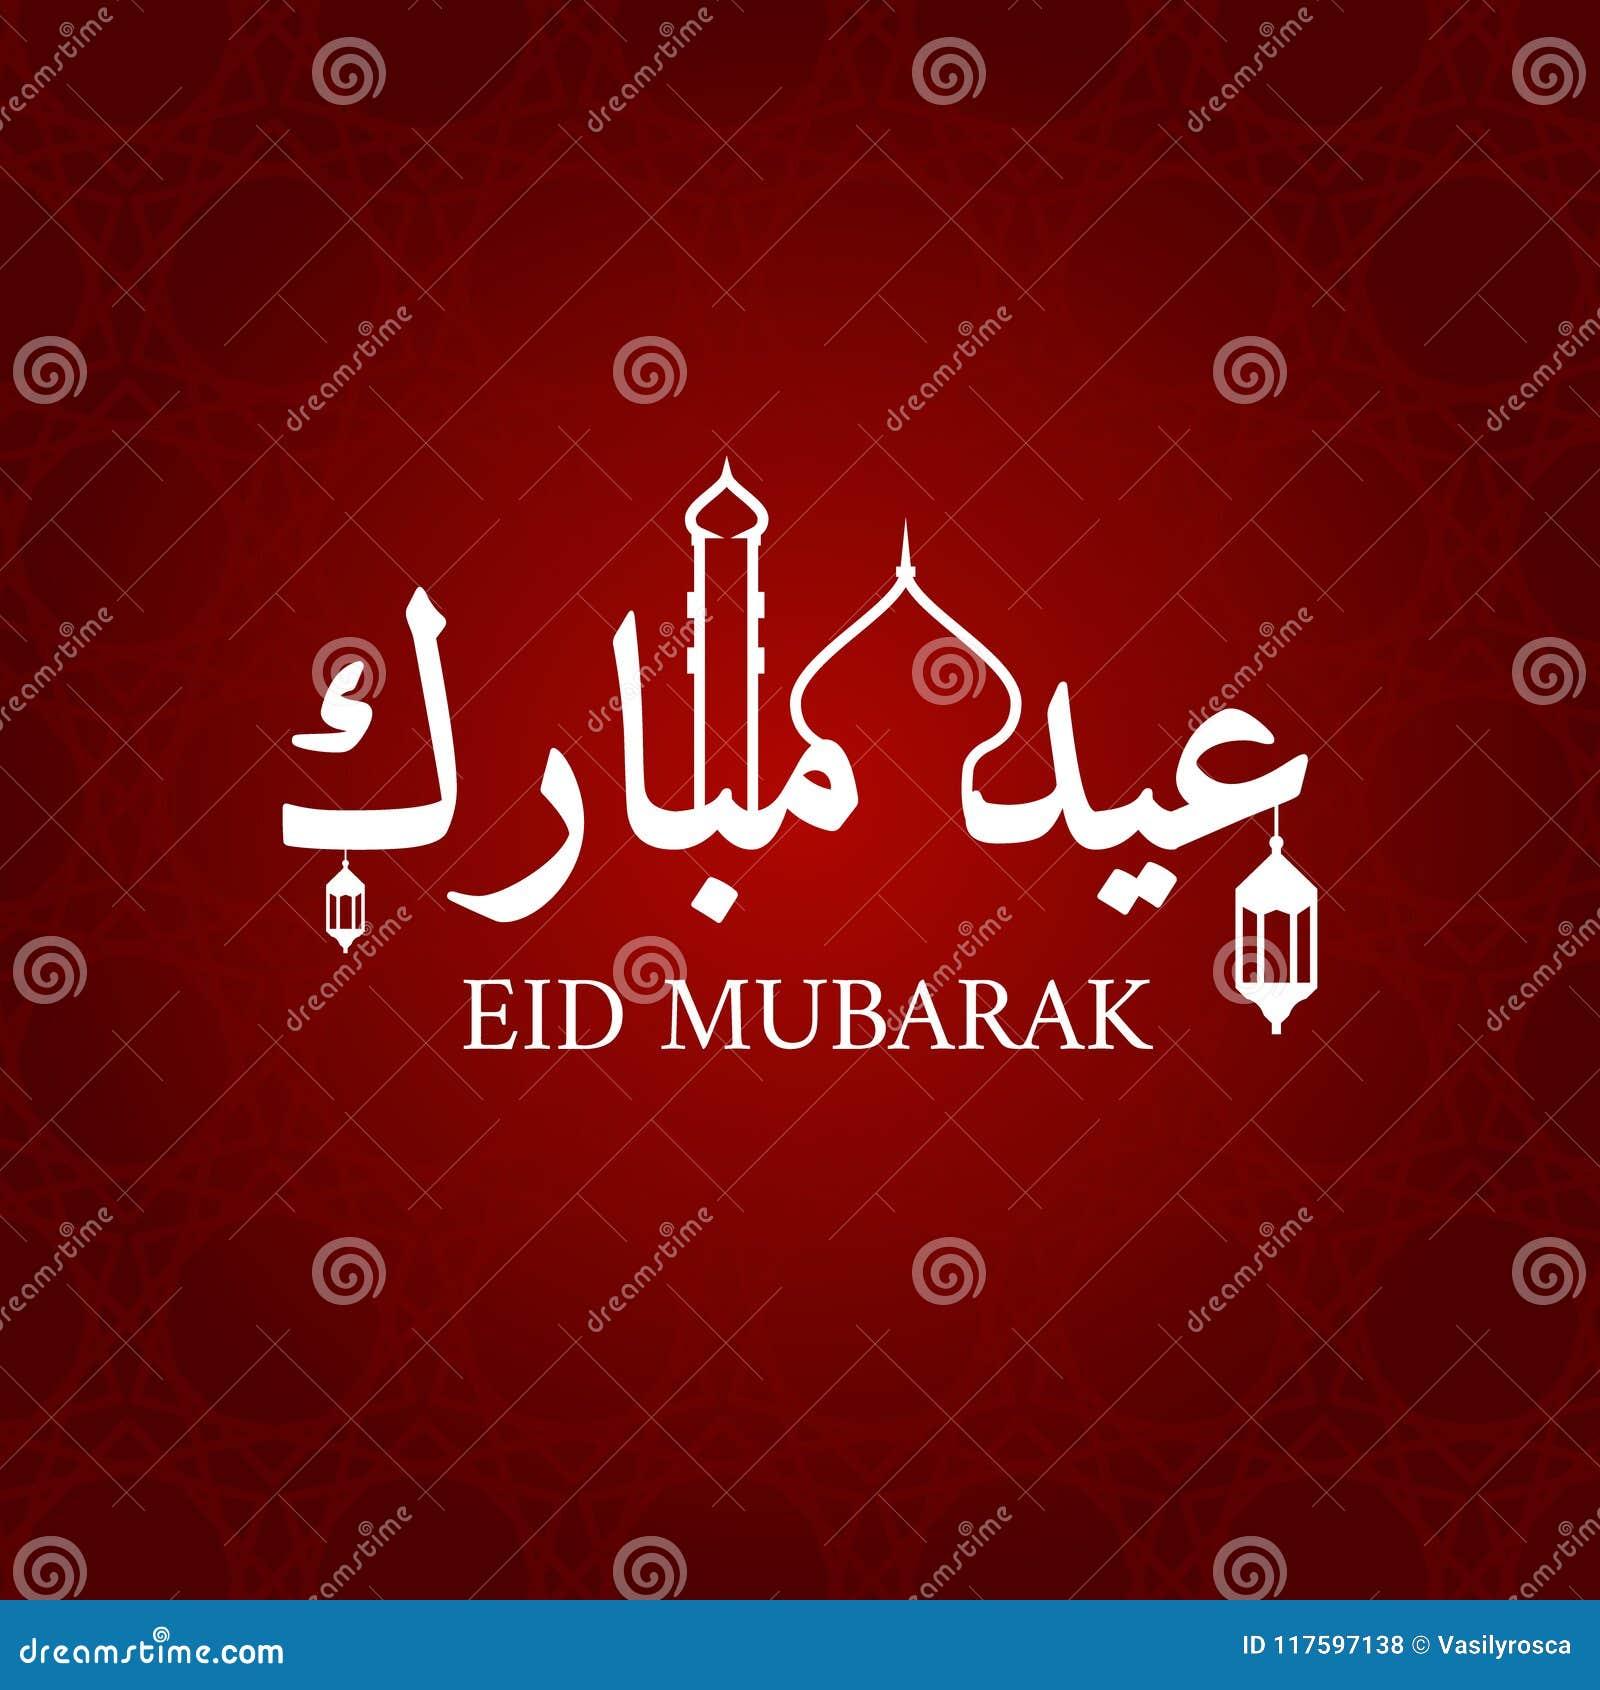 Eid Mubarak Greeting Card Vector Design Ramadan Islam Arabic